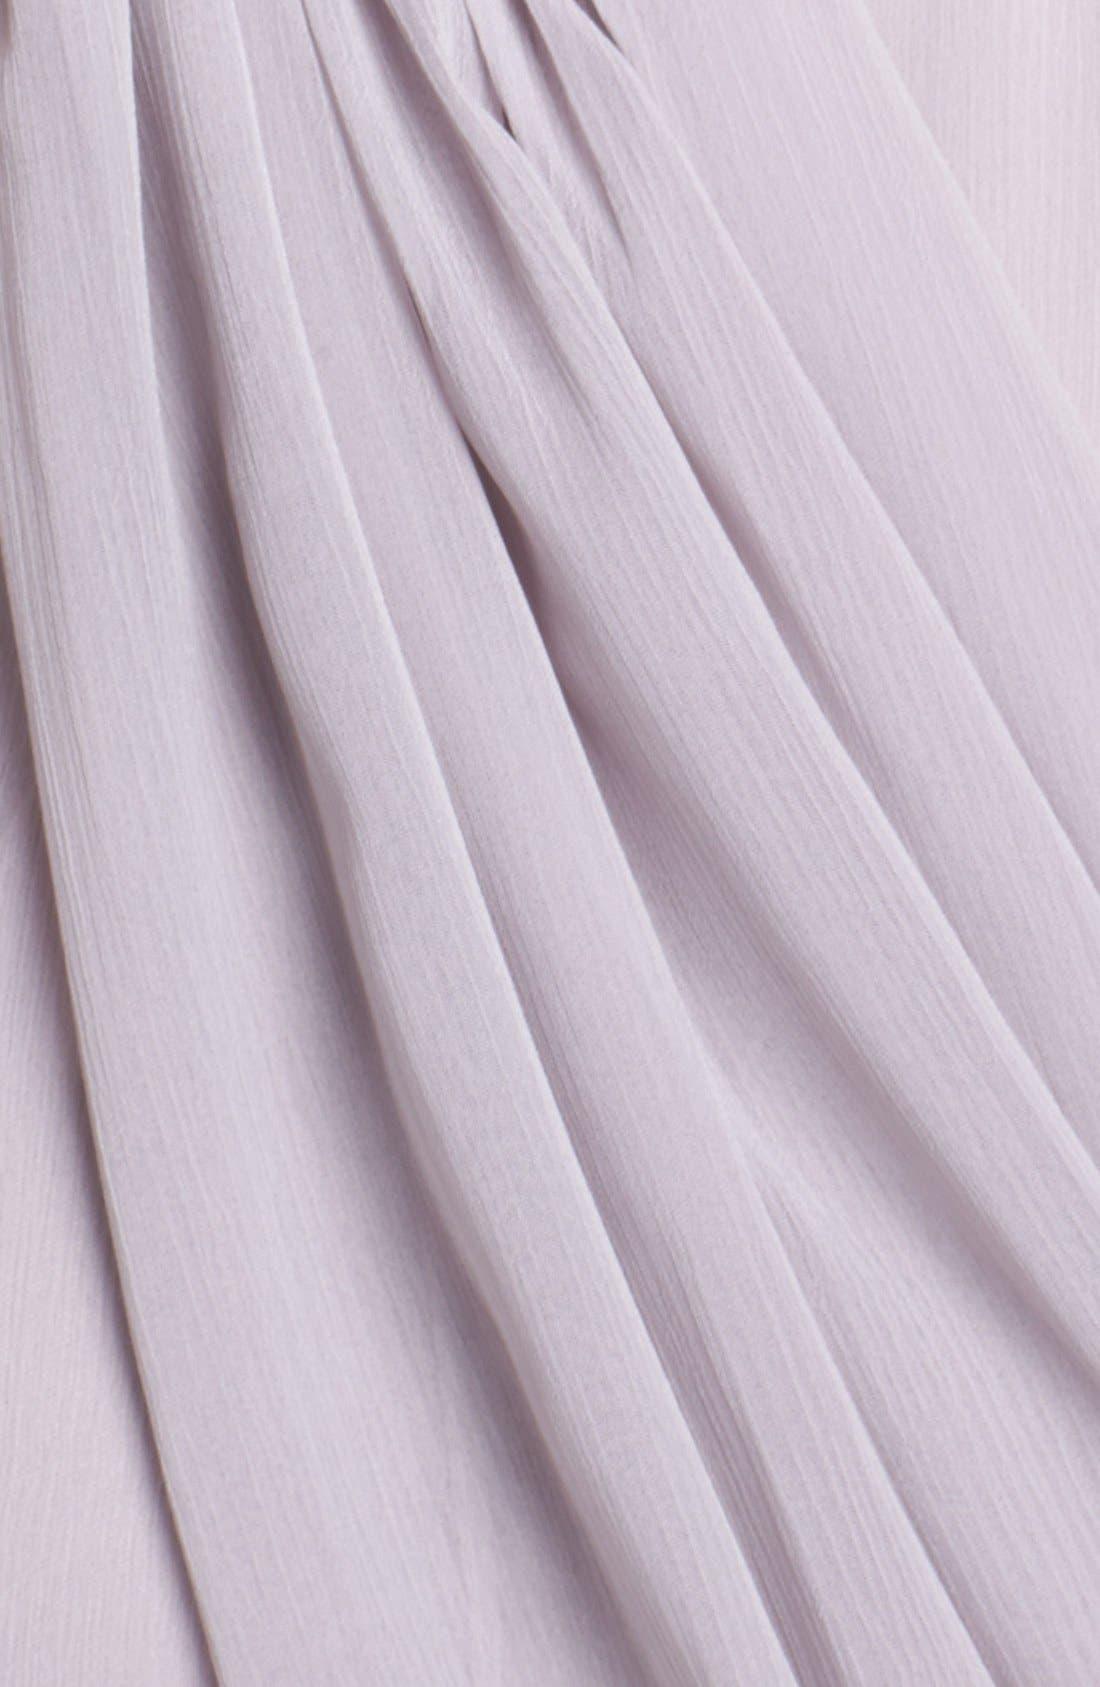 Draped Chiffon Dress,                             Alternate thumbnail 3, color,                             251